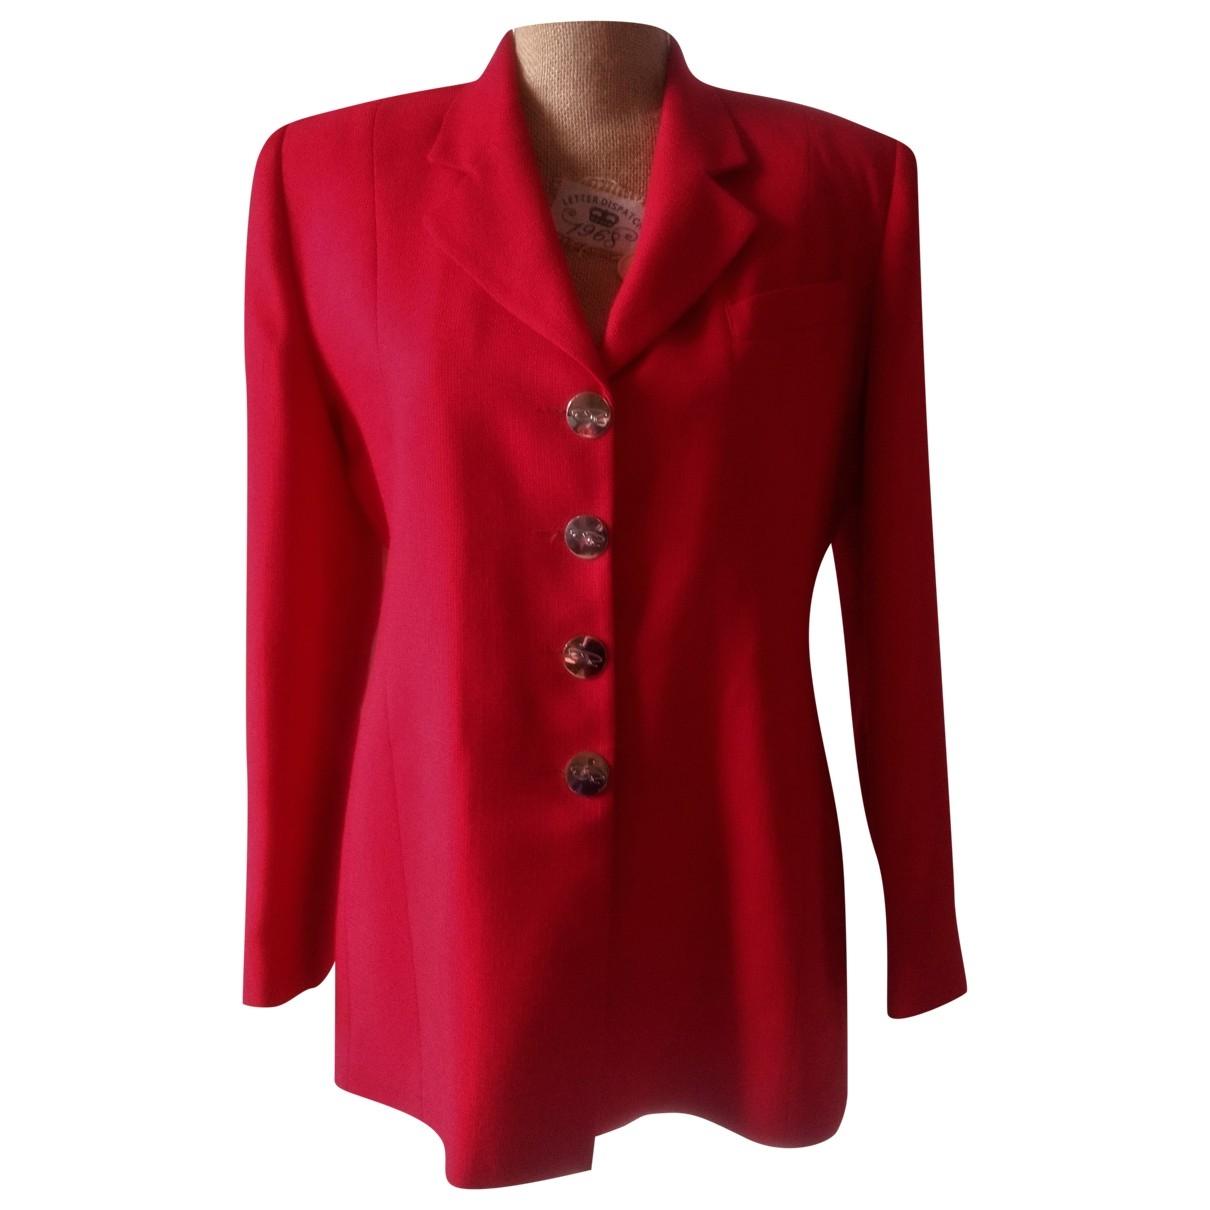 Oscar De La Renta \N Red Cotton jacket for Women M International